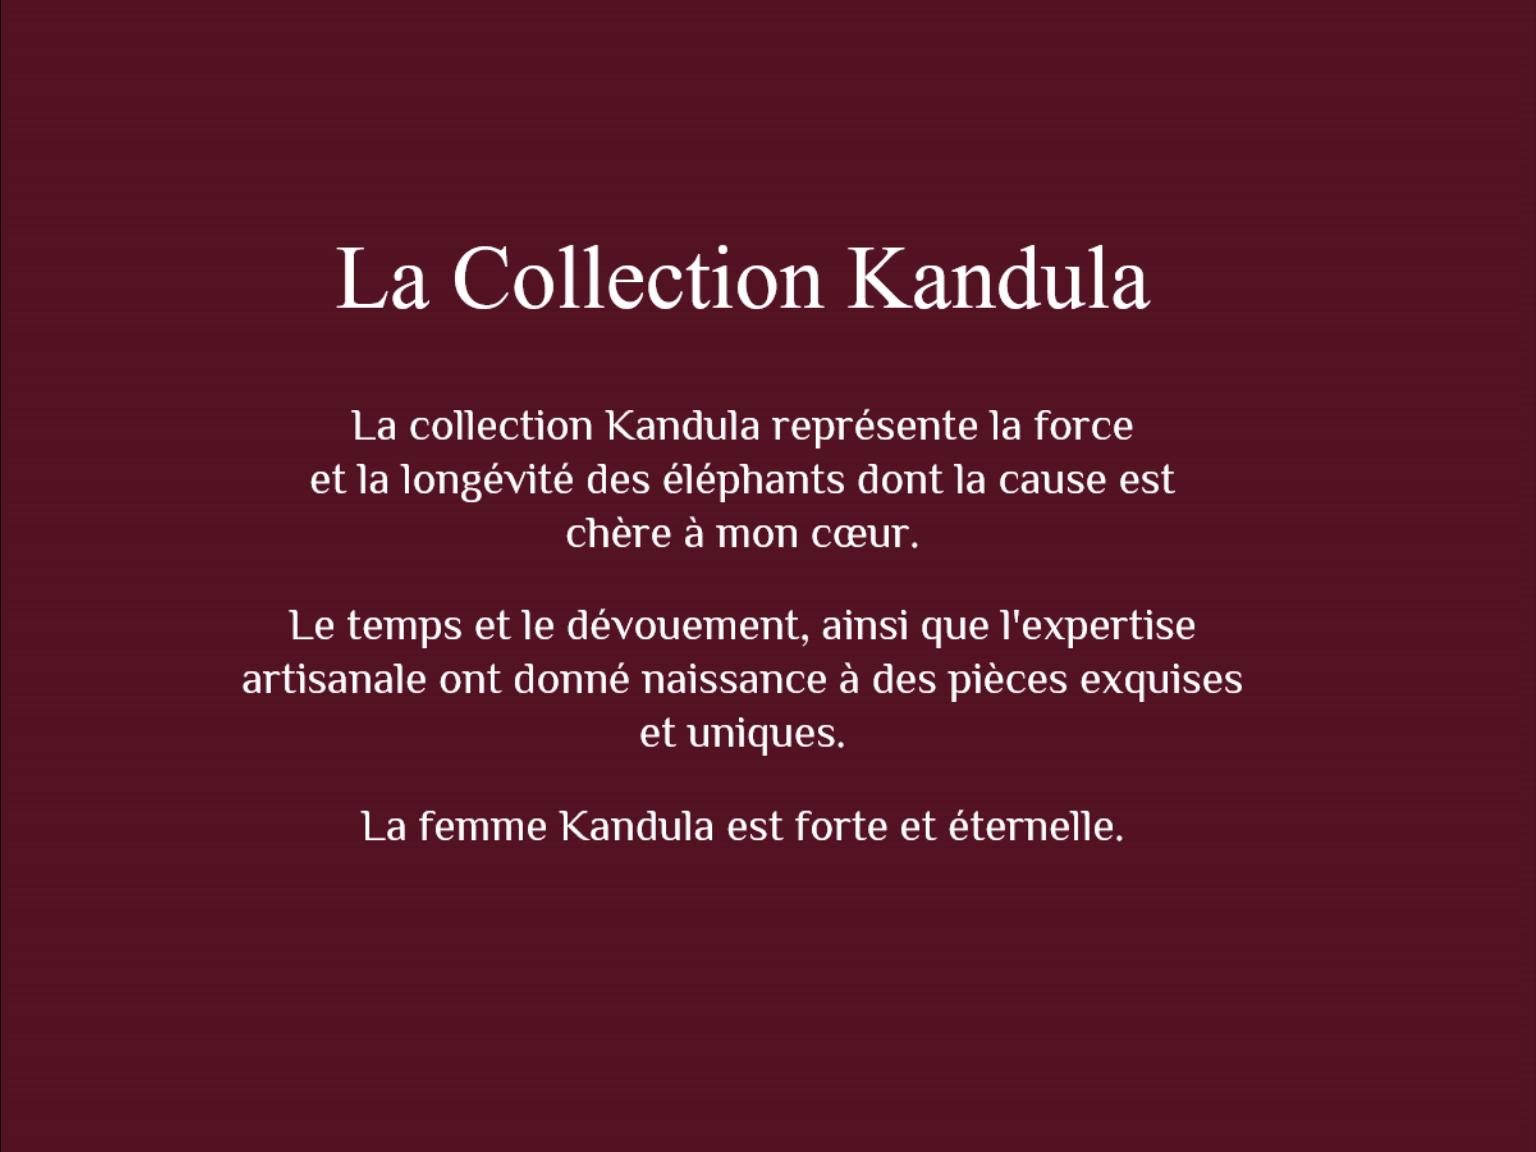 La collection kandula 10